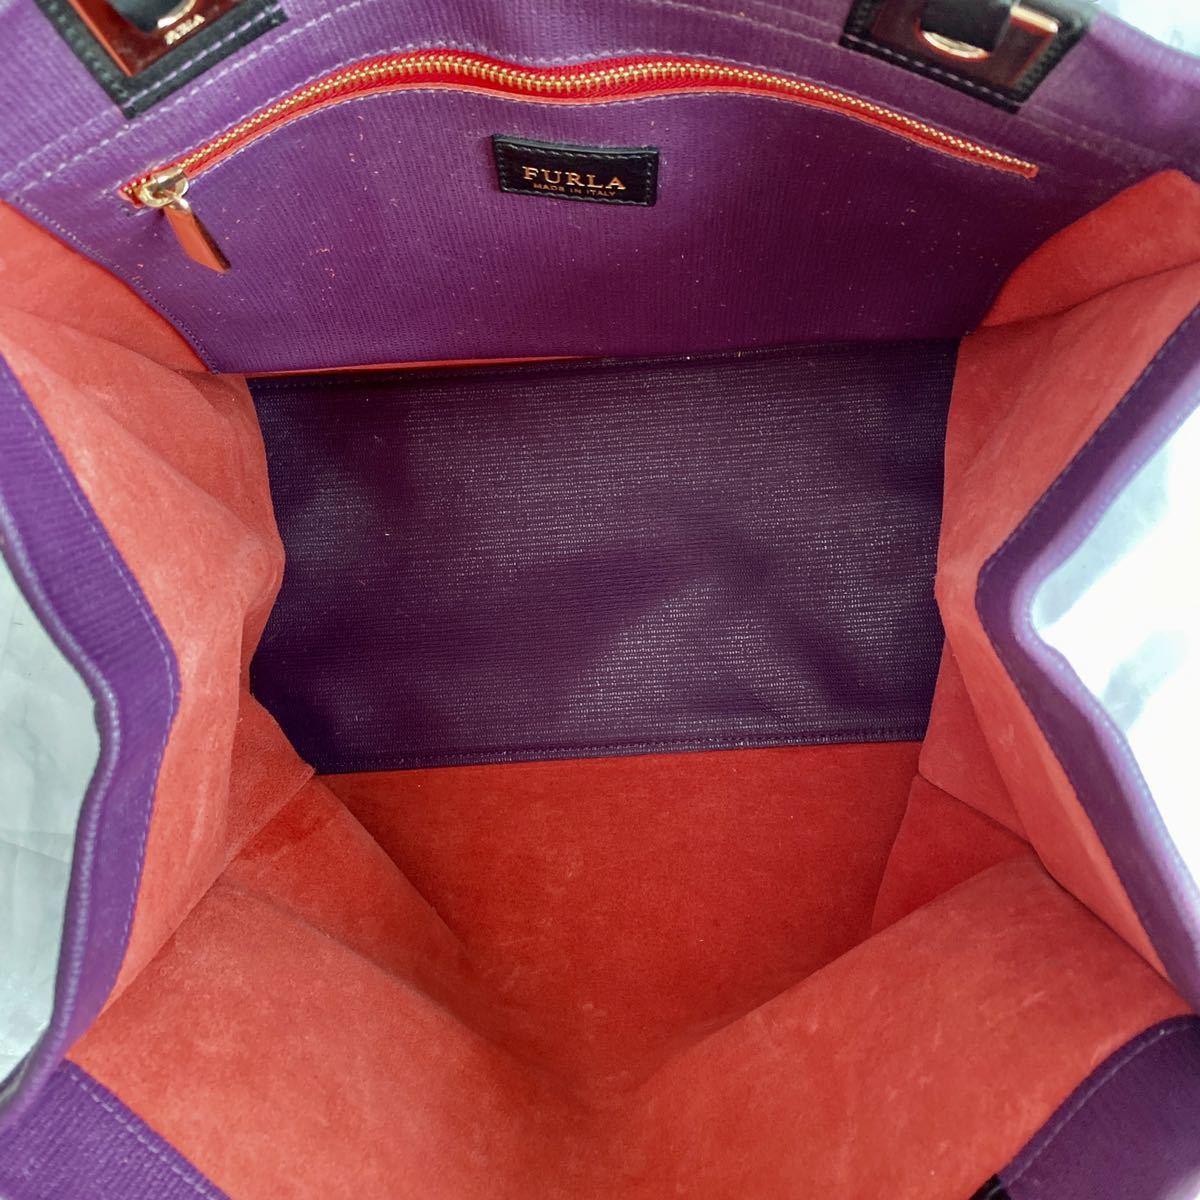 美品 FURLA フルラ トートバッグ ハンドバッグ ショルダーバッグ 肩掛け ブランドロゴ 金具 ゴールド レザー 本革 イタリア製 パープル _画像6